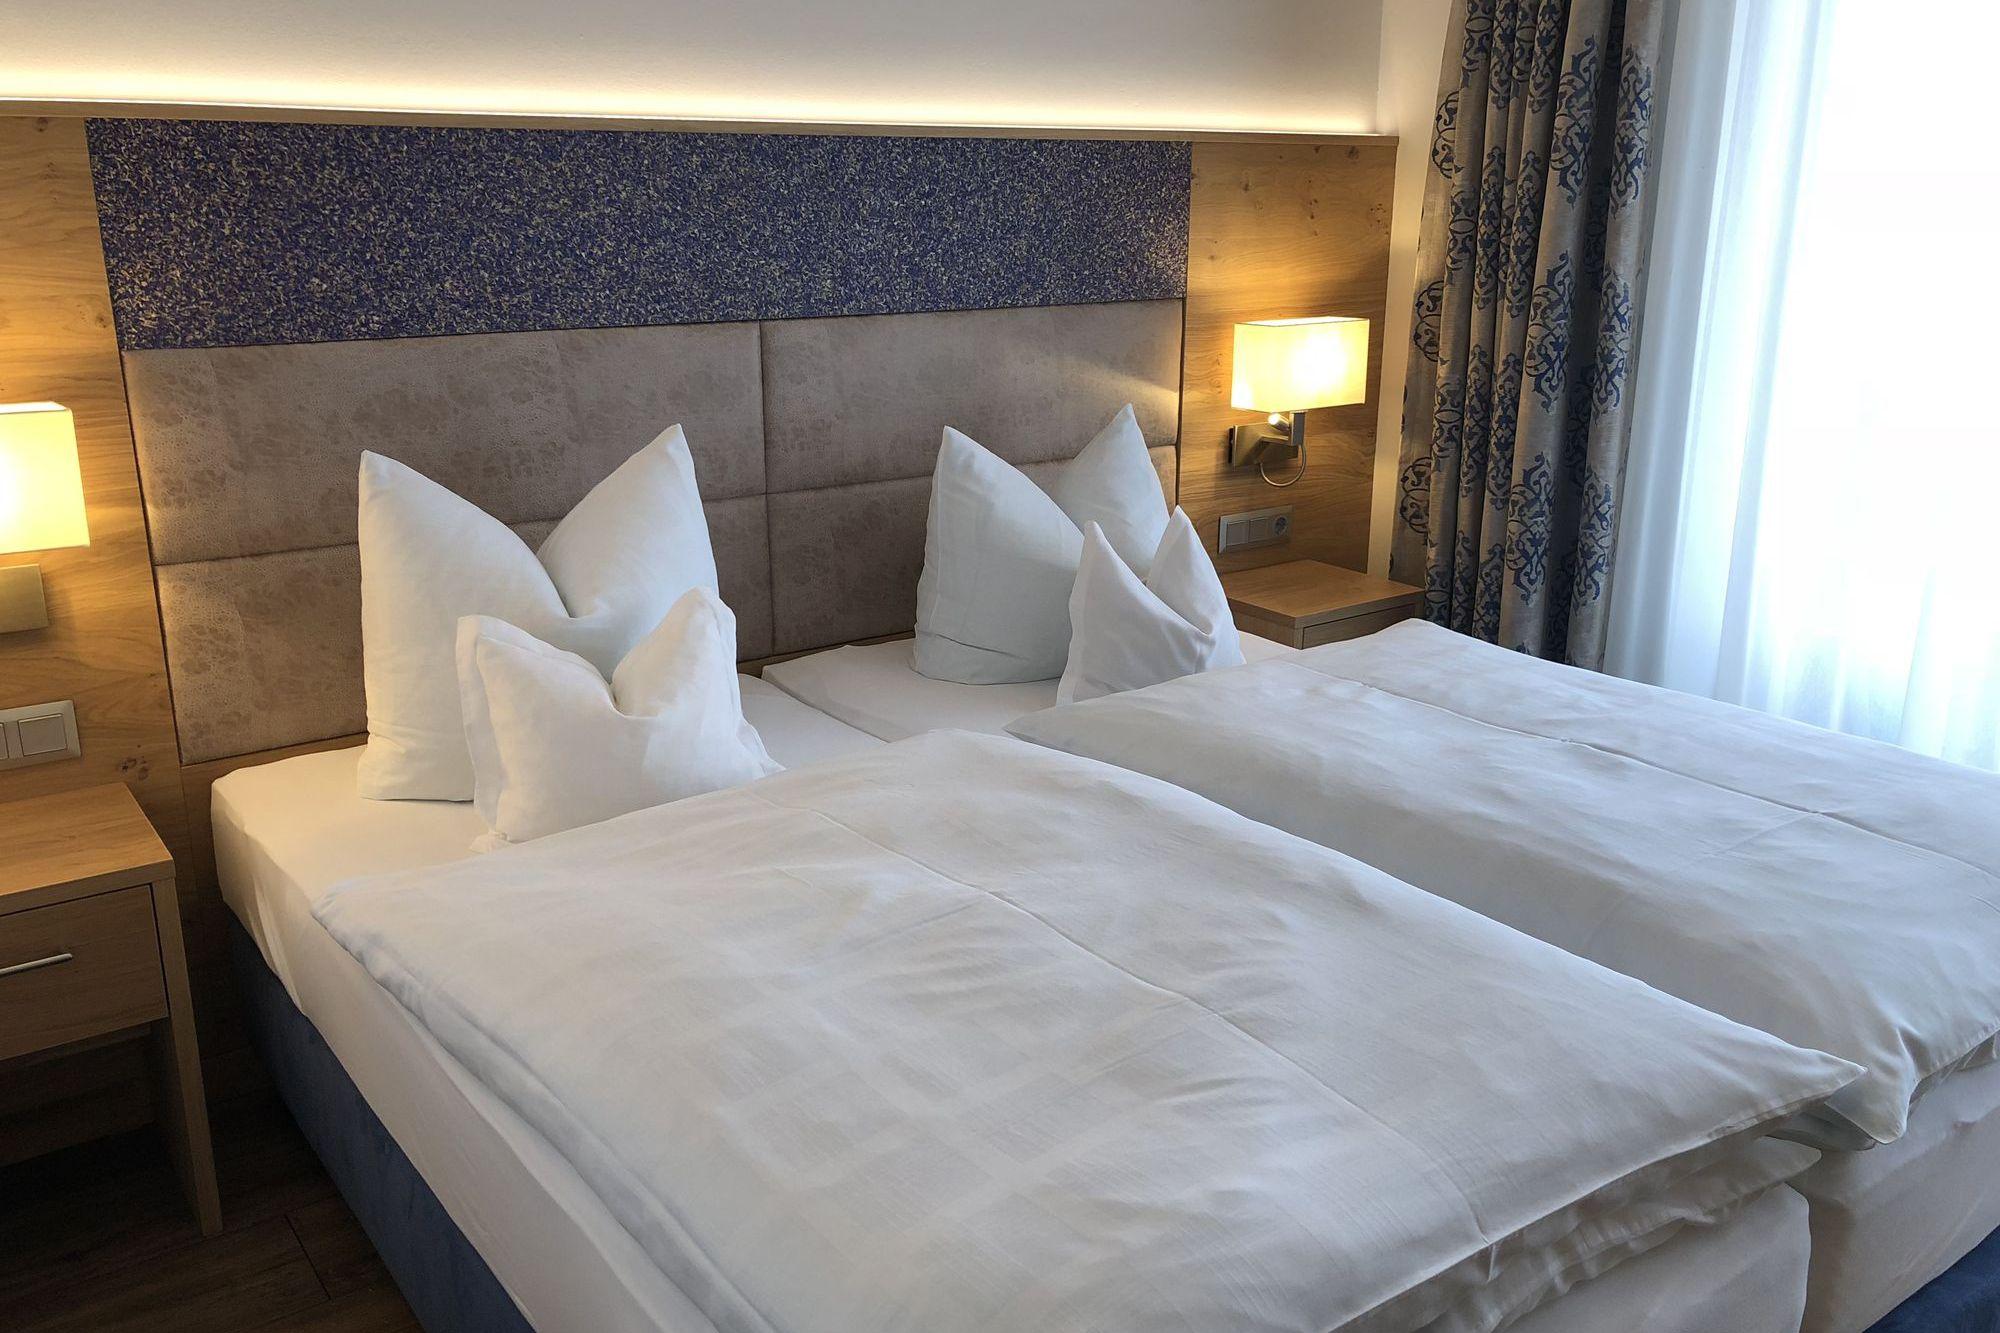 https://www.hotelbinder.de/wp-content/uploads/doppelzimmer1_2.jpg